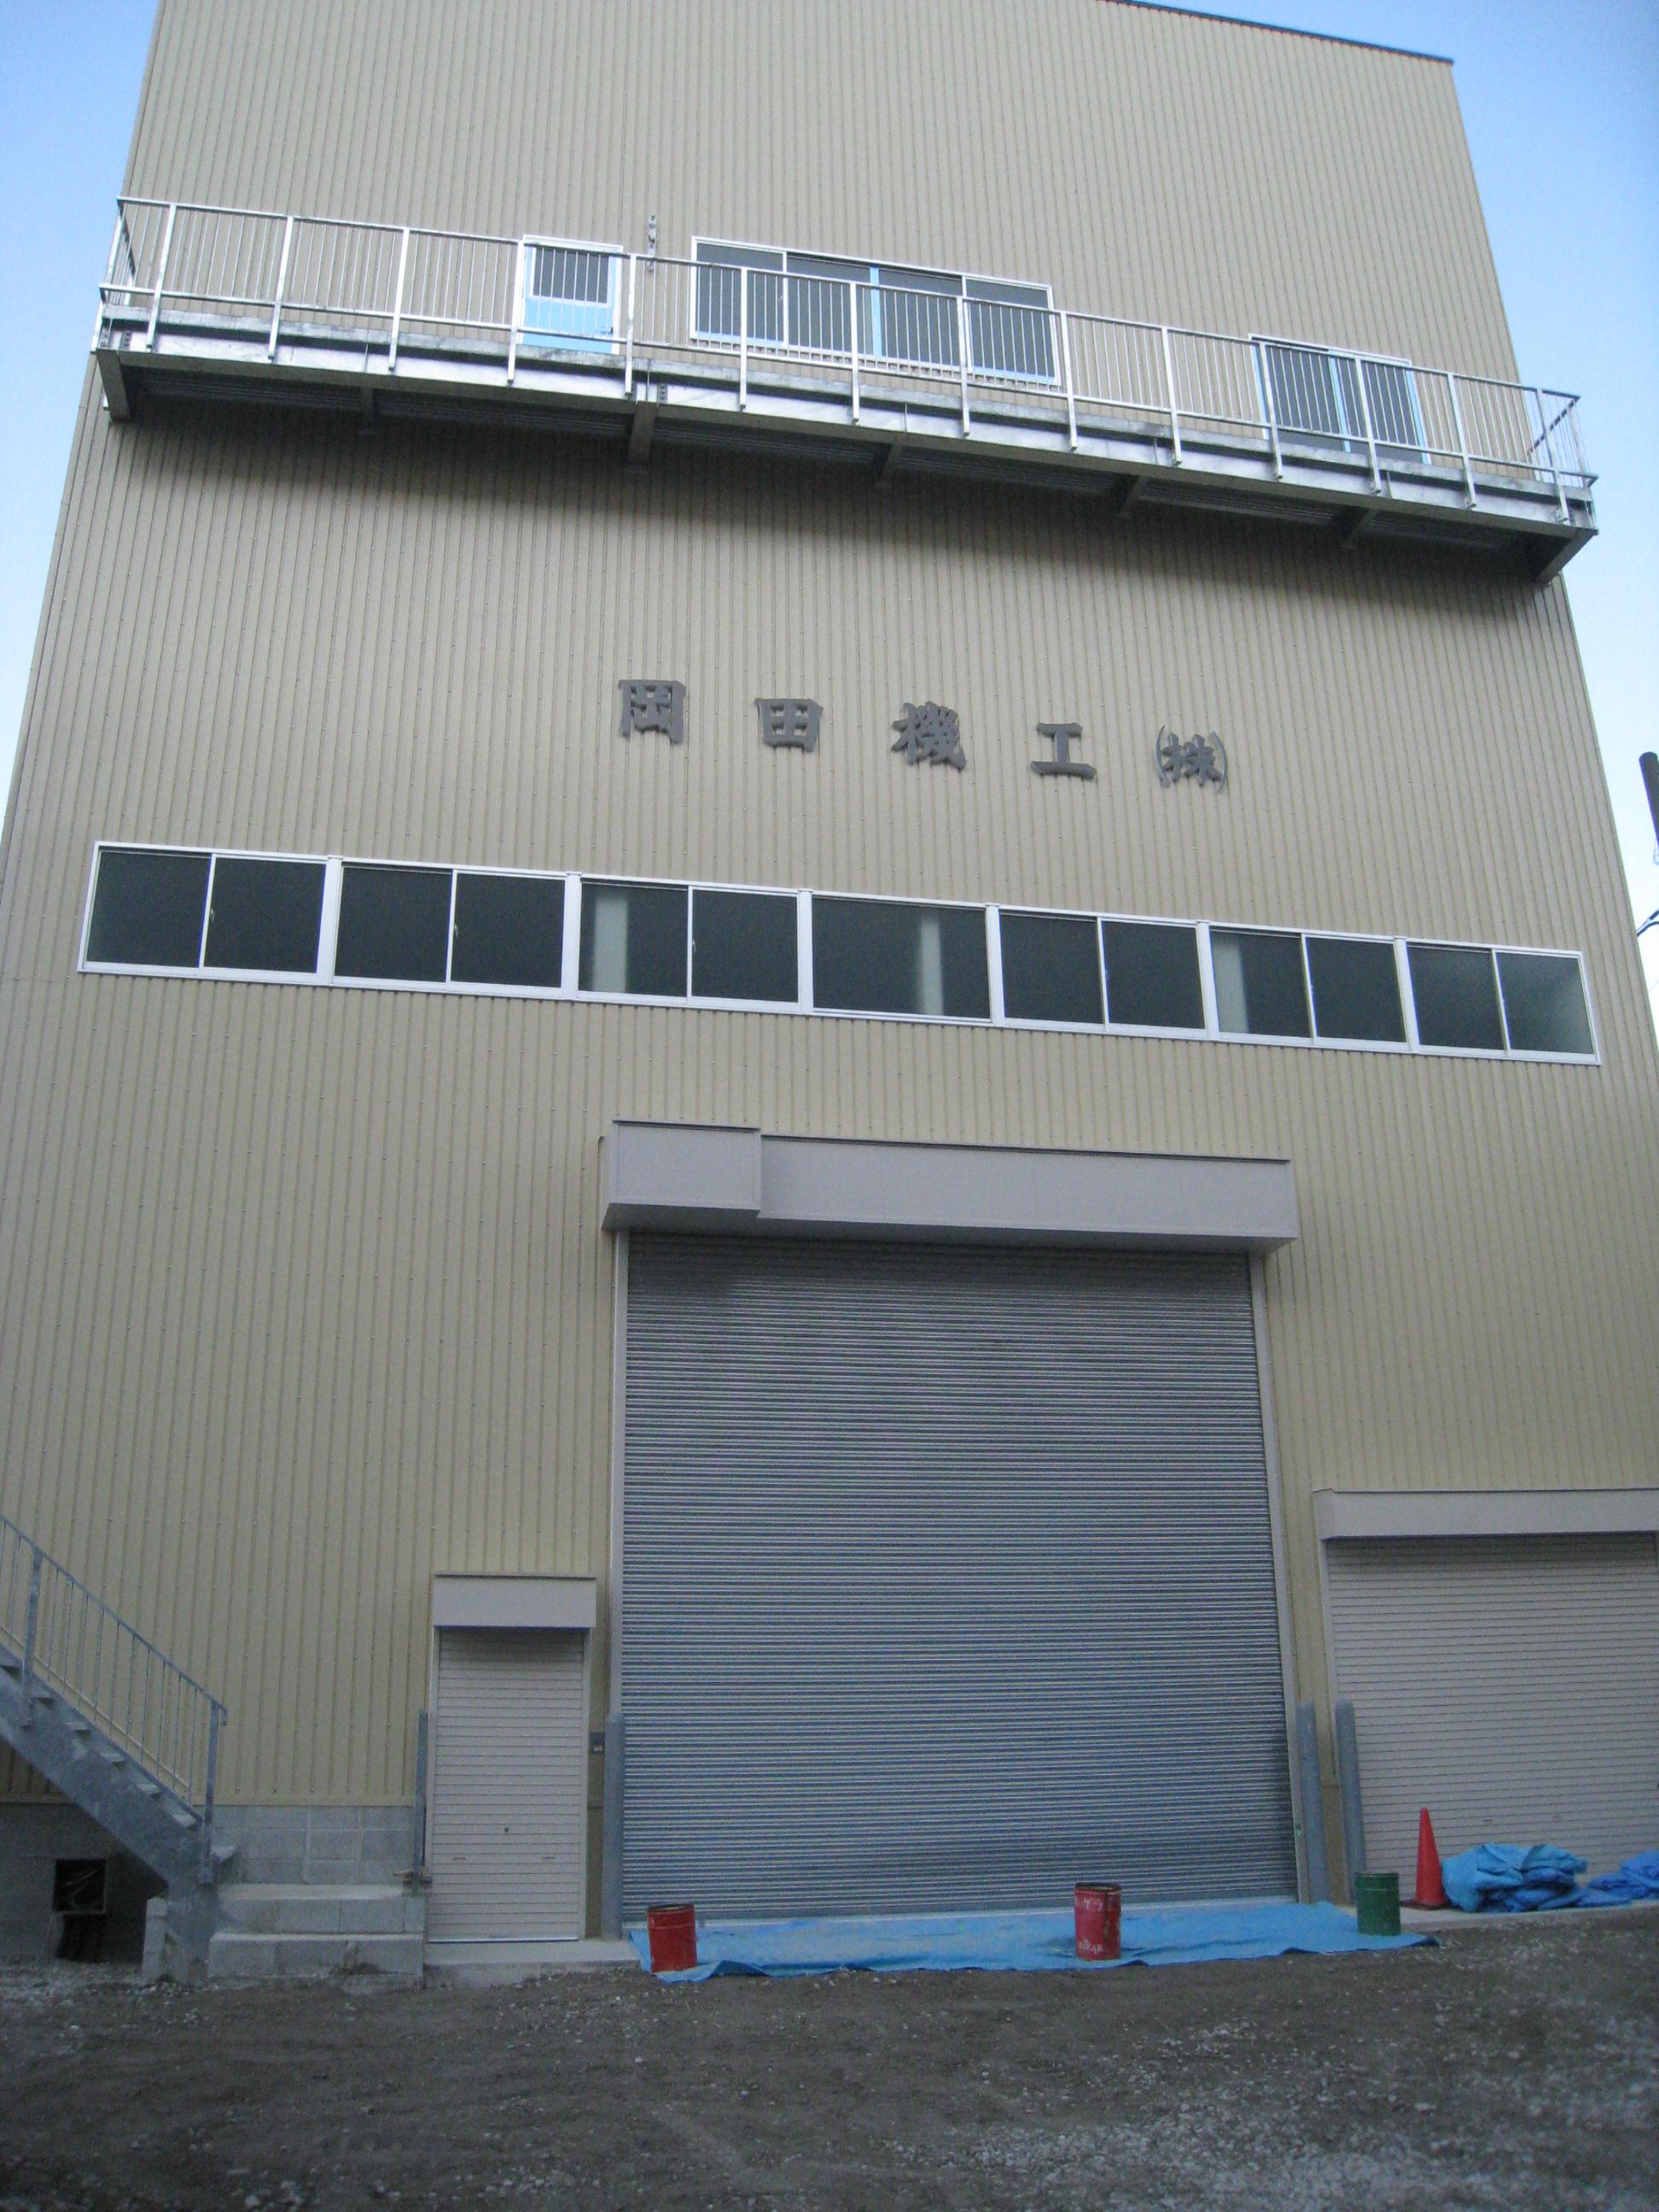 中古機械登録会社 岡田機工株式会社 大阪府 八尾市 上尾町5-20